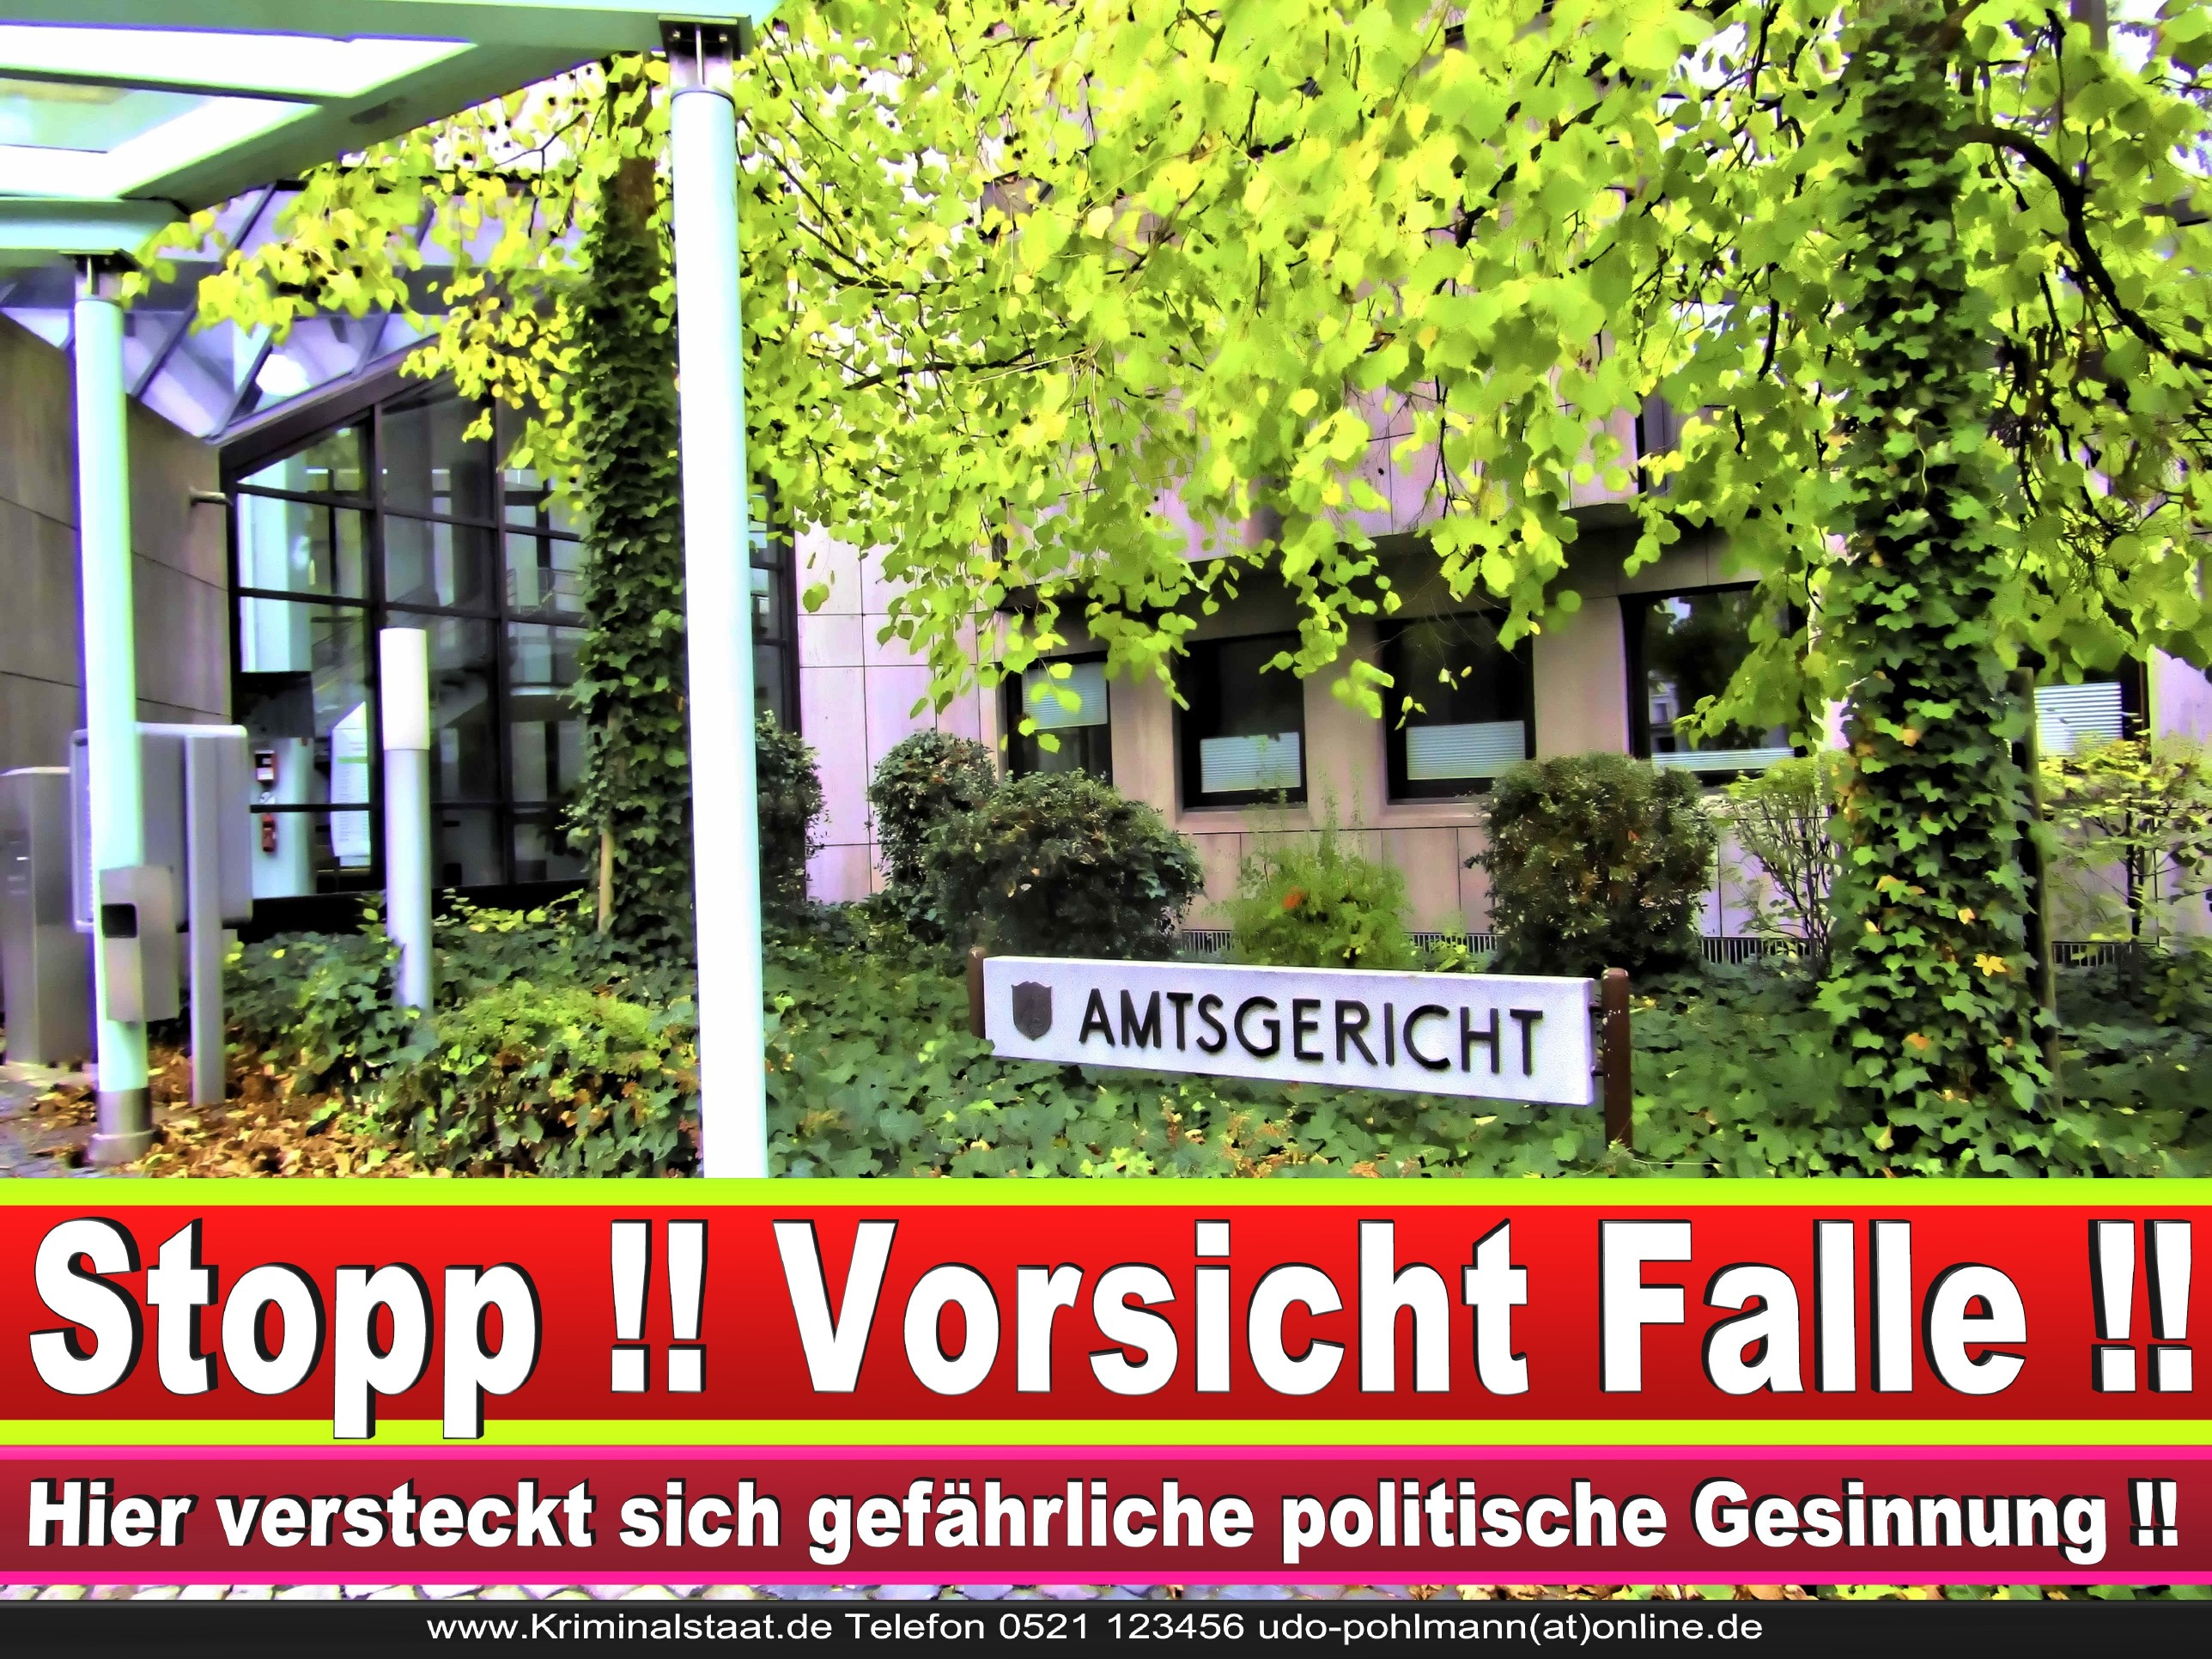 Amtsgericht Landgericht Staatsanwaltschaft Bielefeld Behörden NRW Arbeitsgericht Sozialgericht Verwaltungsgericht 3